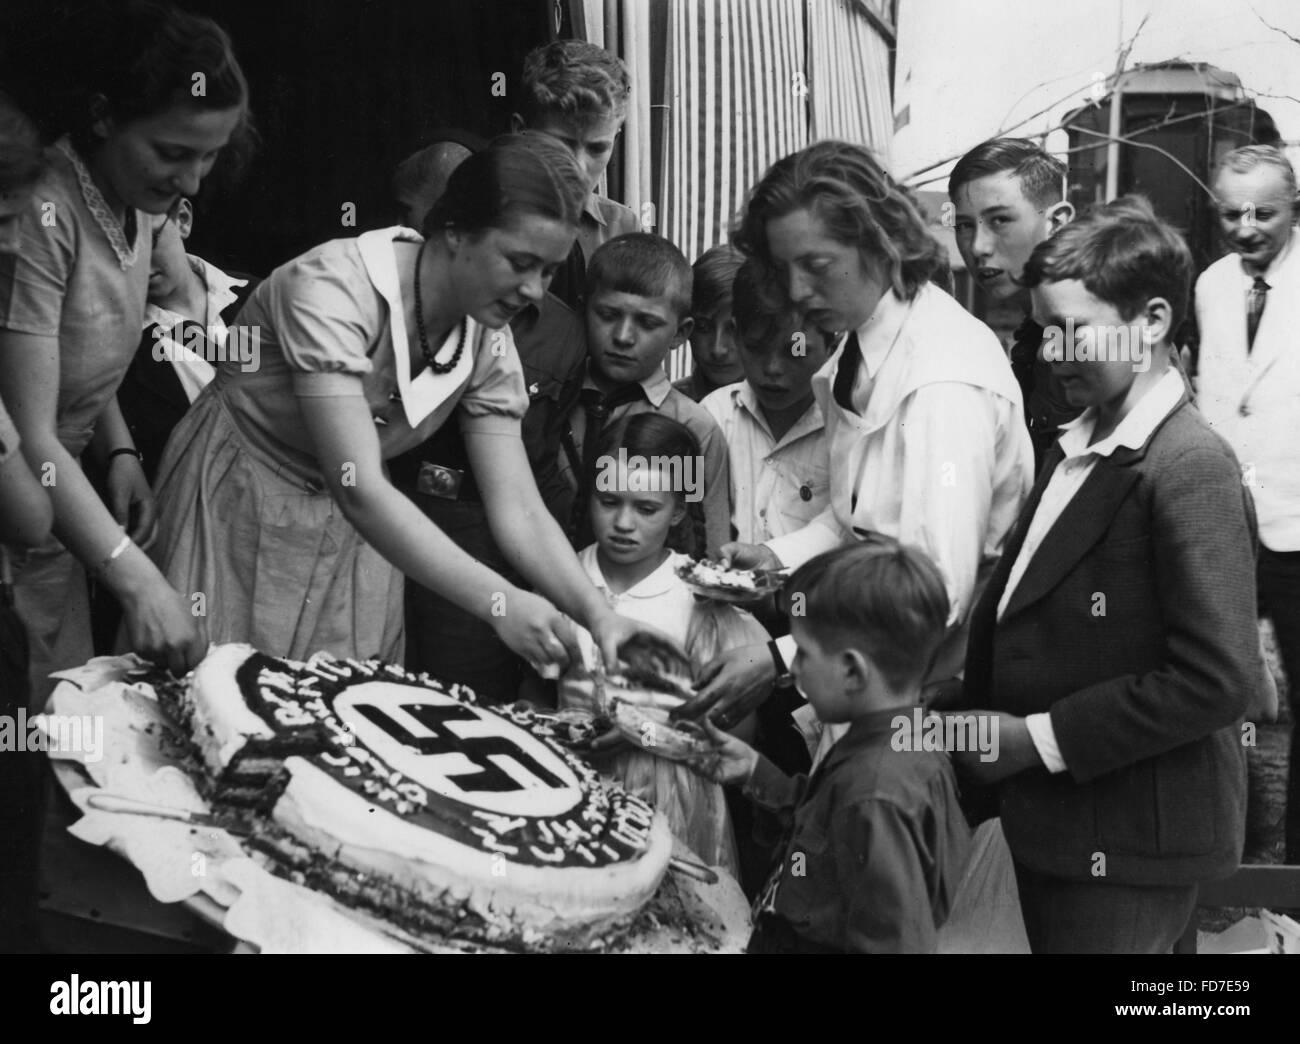 Pastel de cumpleaños de Hitler está siendo compartida, 19